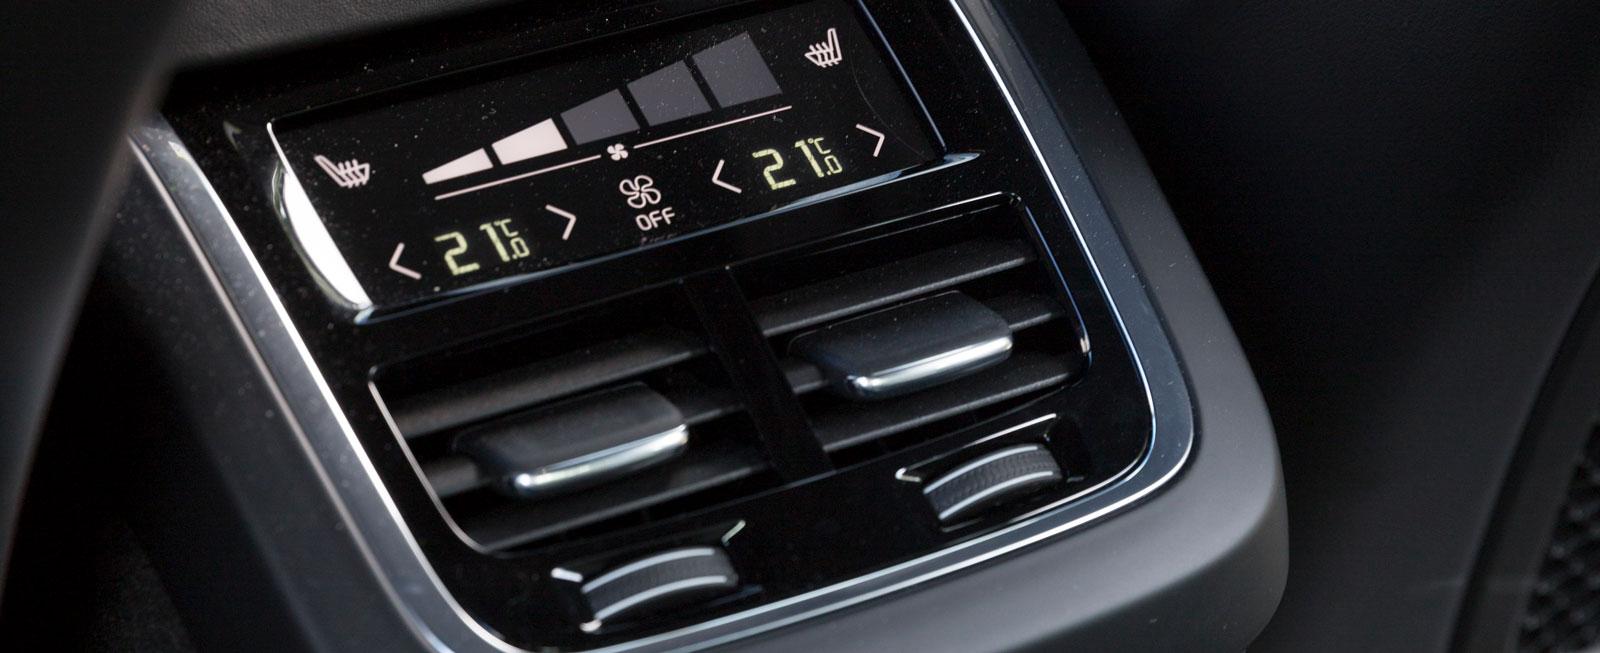 Klimatanläggning bak med två zoner ingår i Volvos klimatpaket för 9900 kr, liksom värme i sittdynan och ett 230 V-uttag.